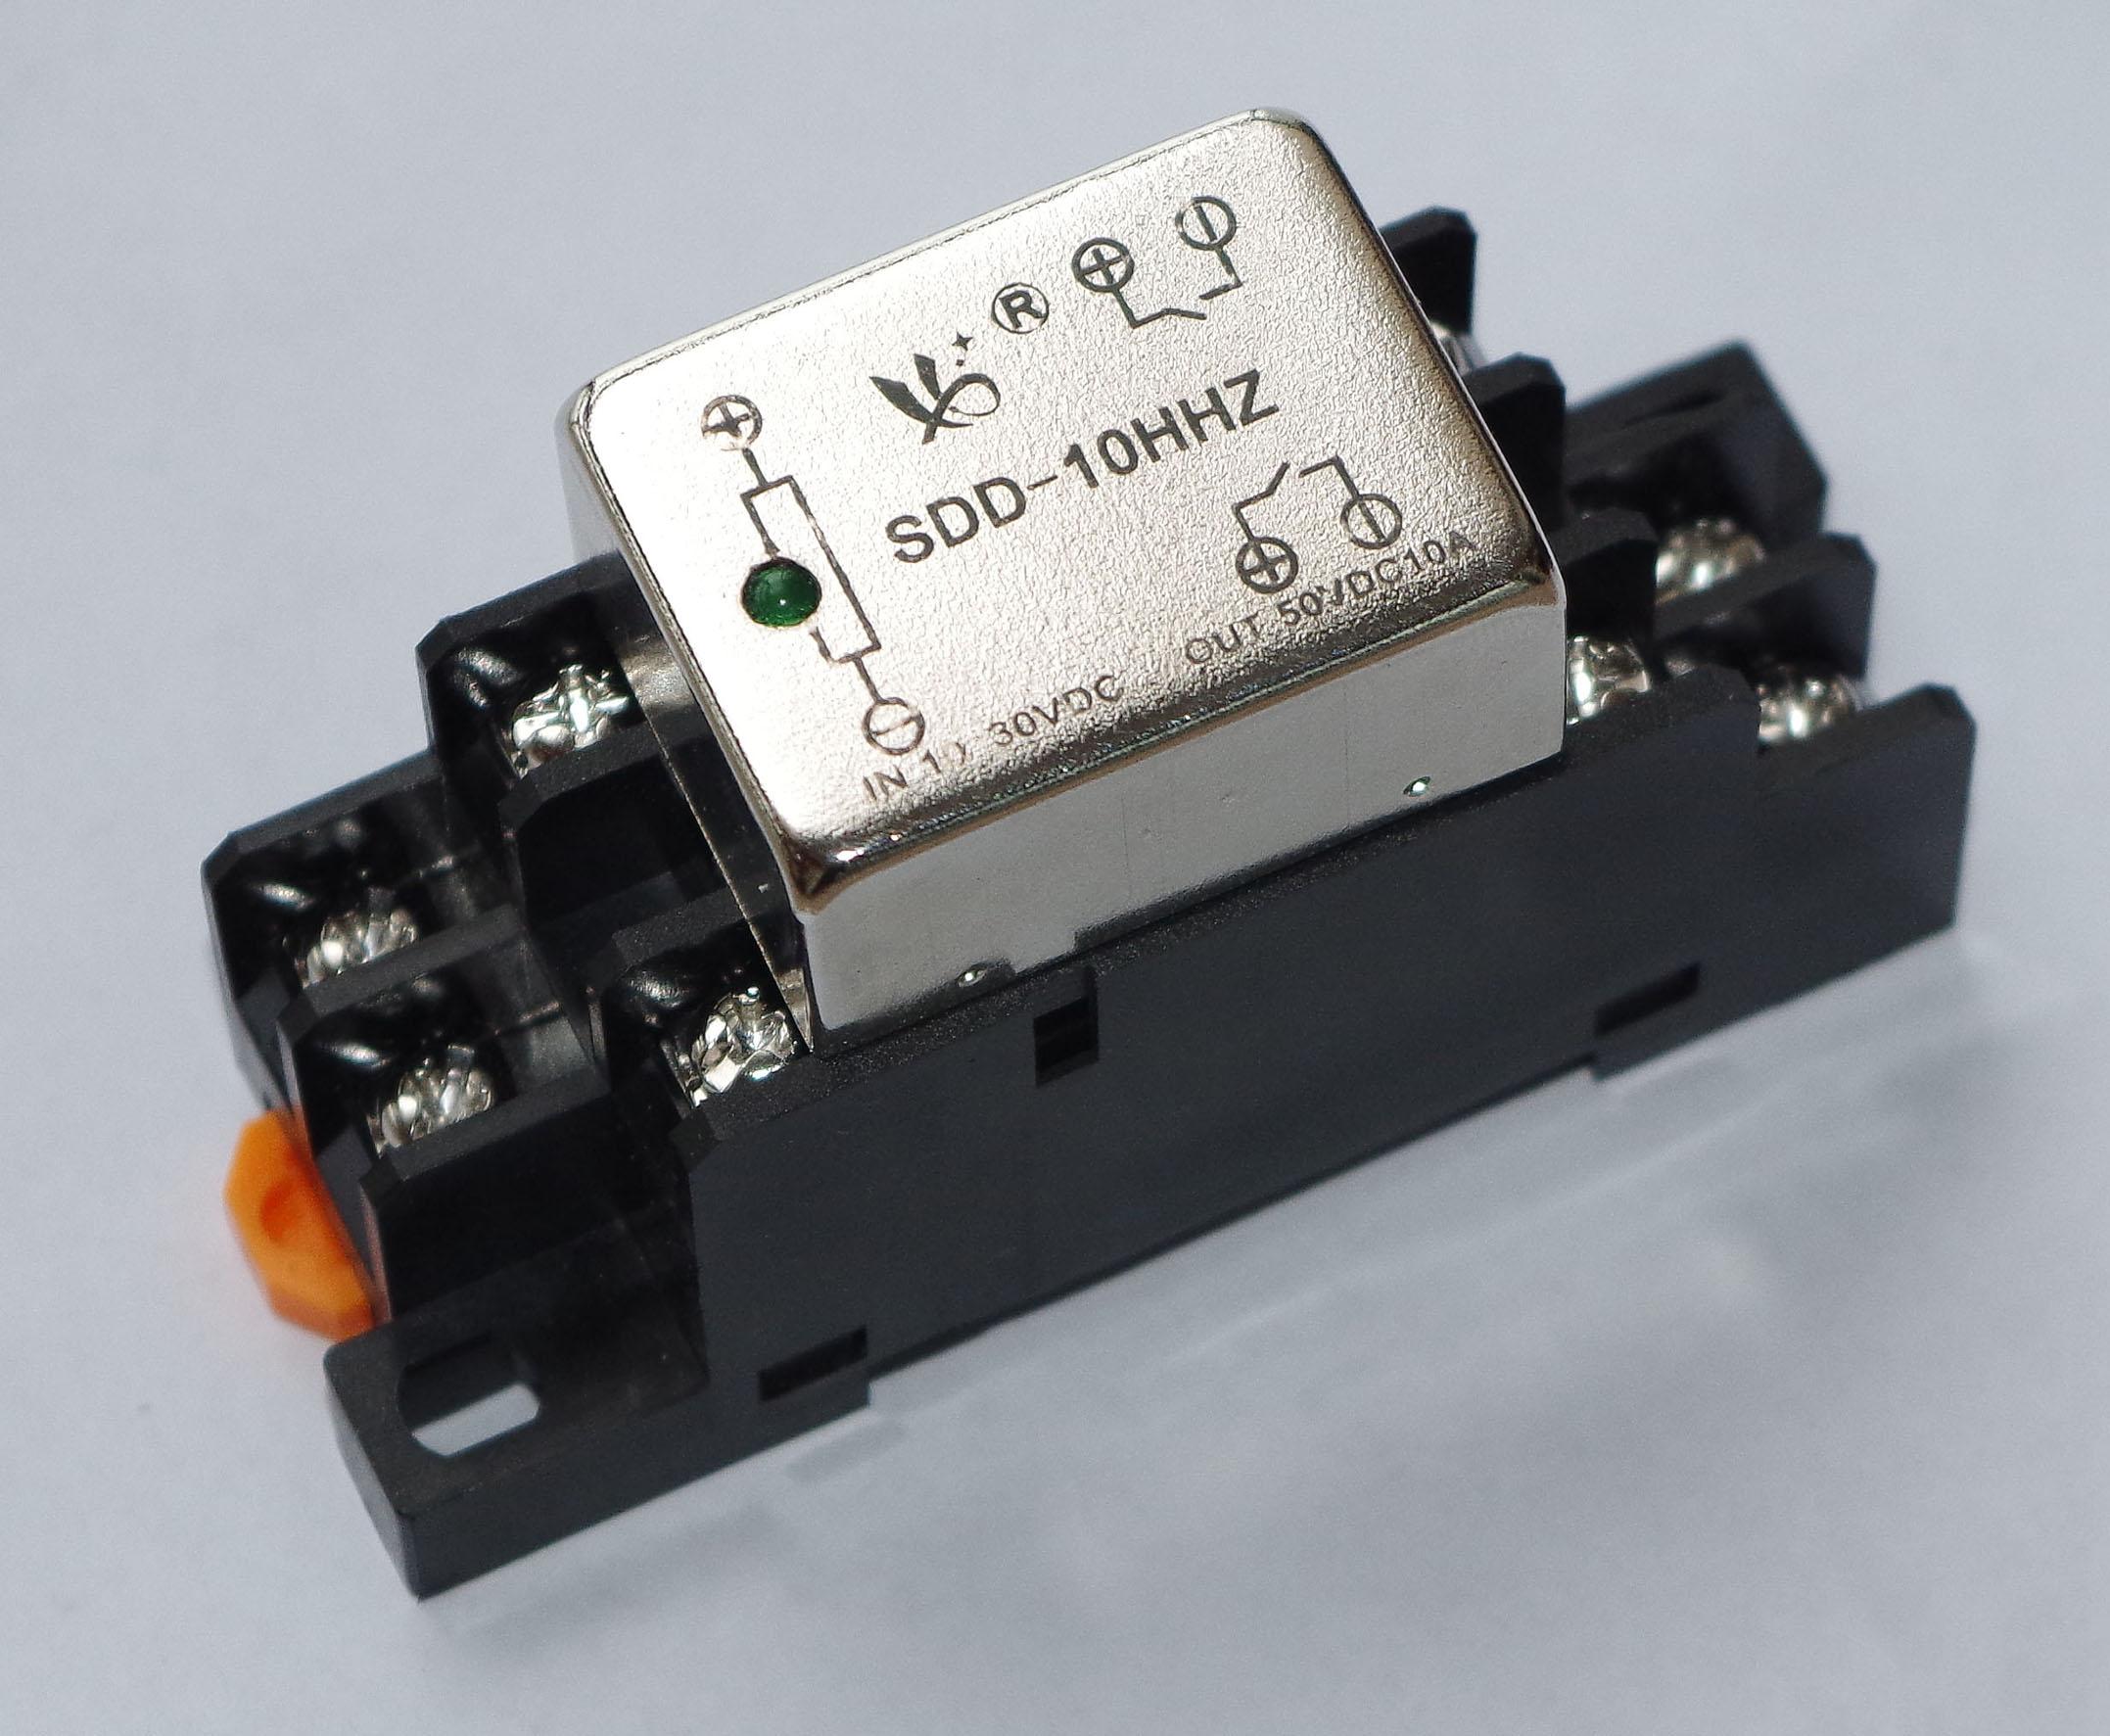 Мини 10А AC твердотельные реле типа Sockect с индикаторным знаком света SSR переключатель SDD 10HHZ установки рельса